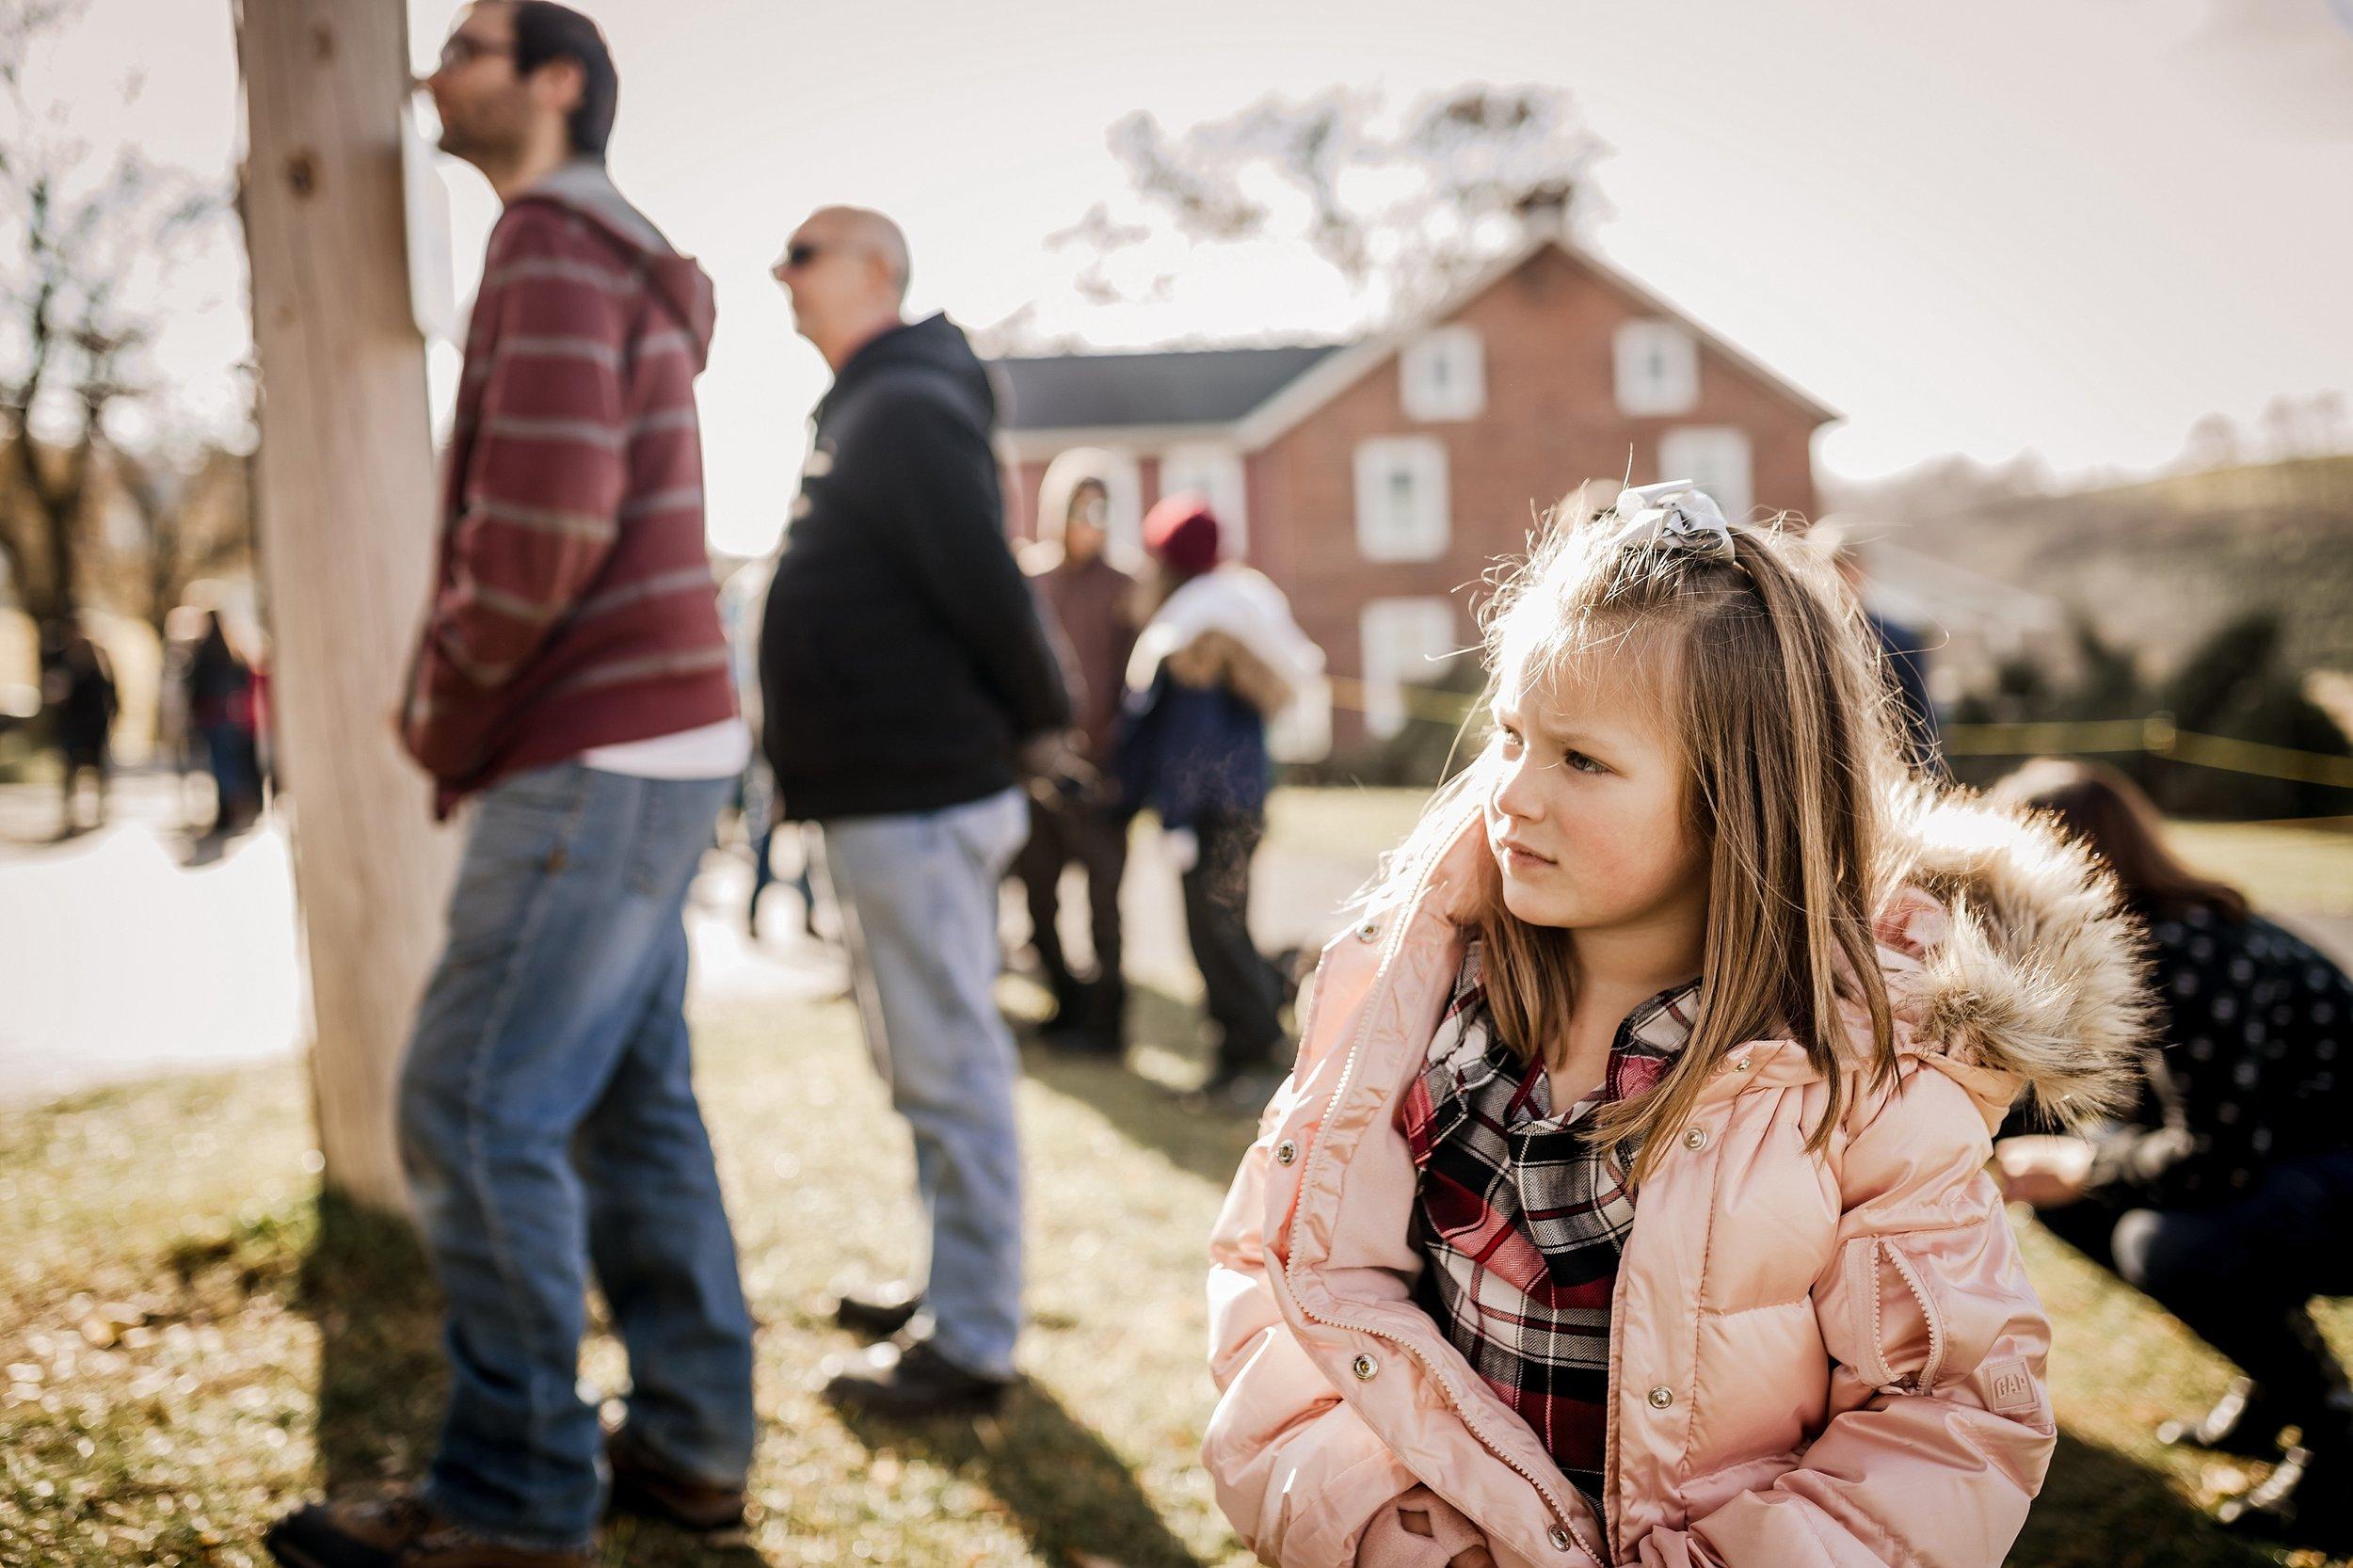 Lehigh-Valley-Documentary-Family-Photographer_0030.jpg